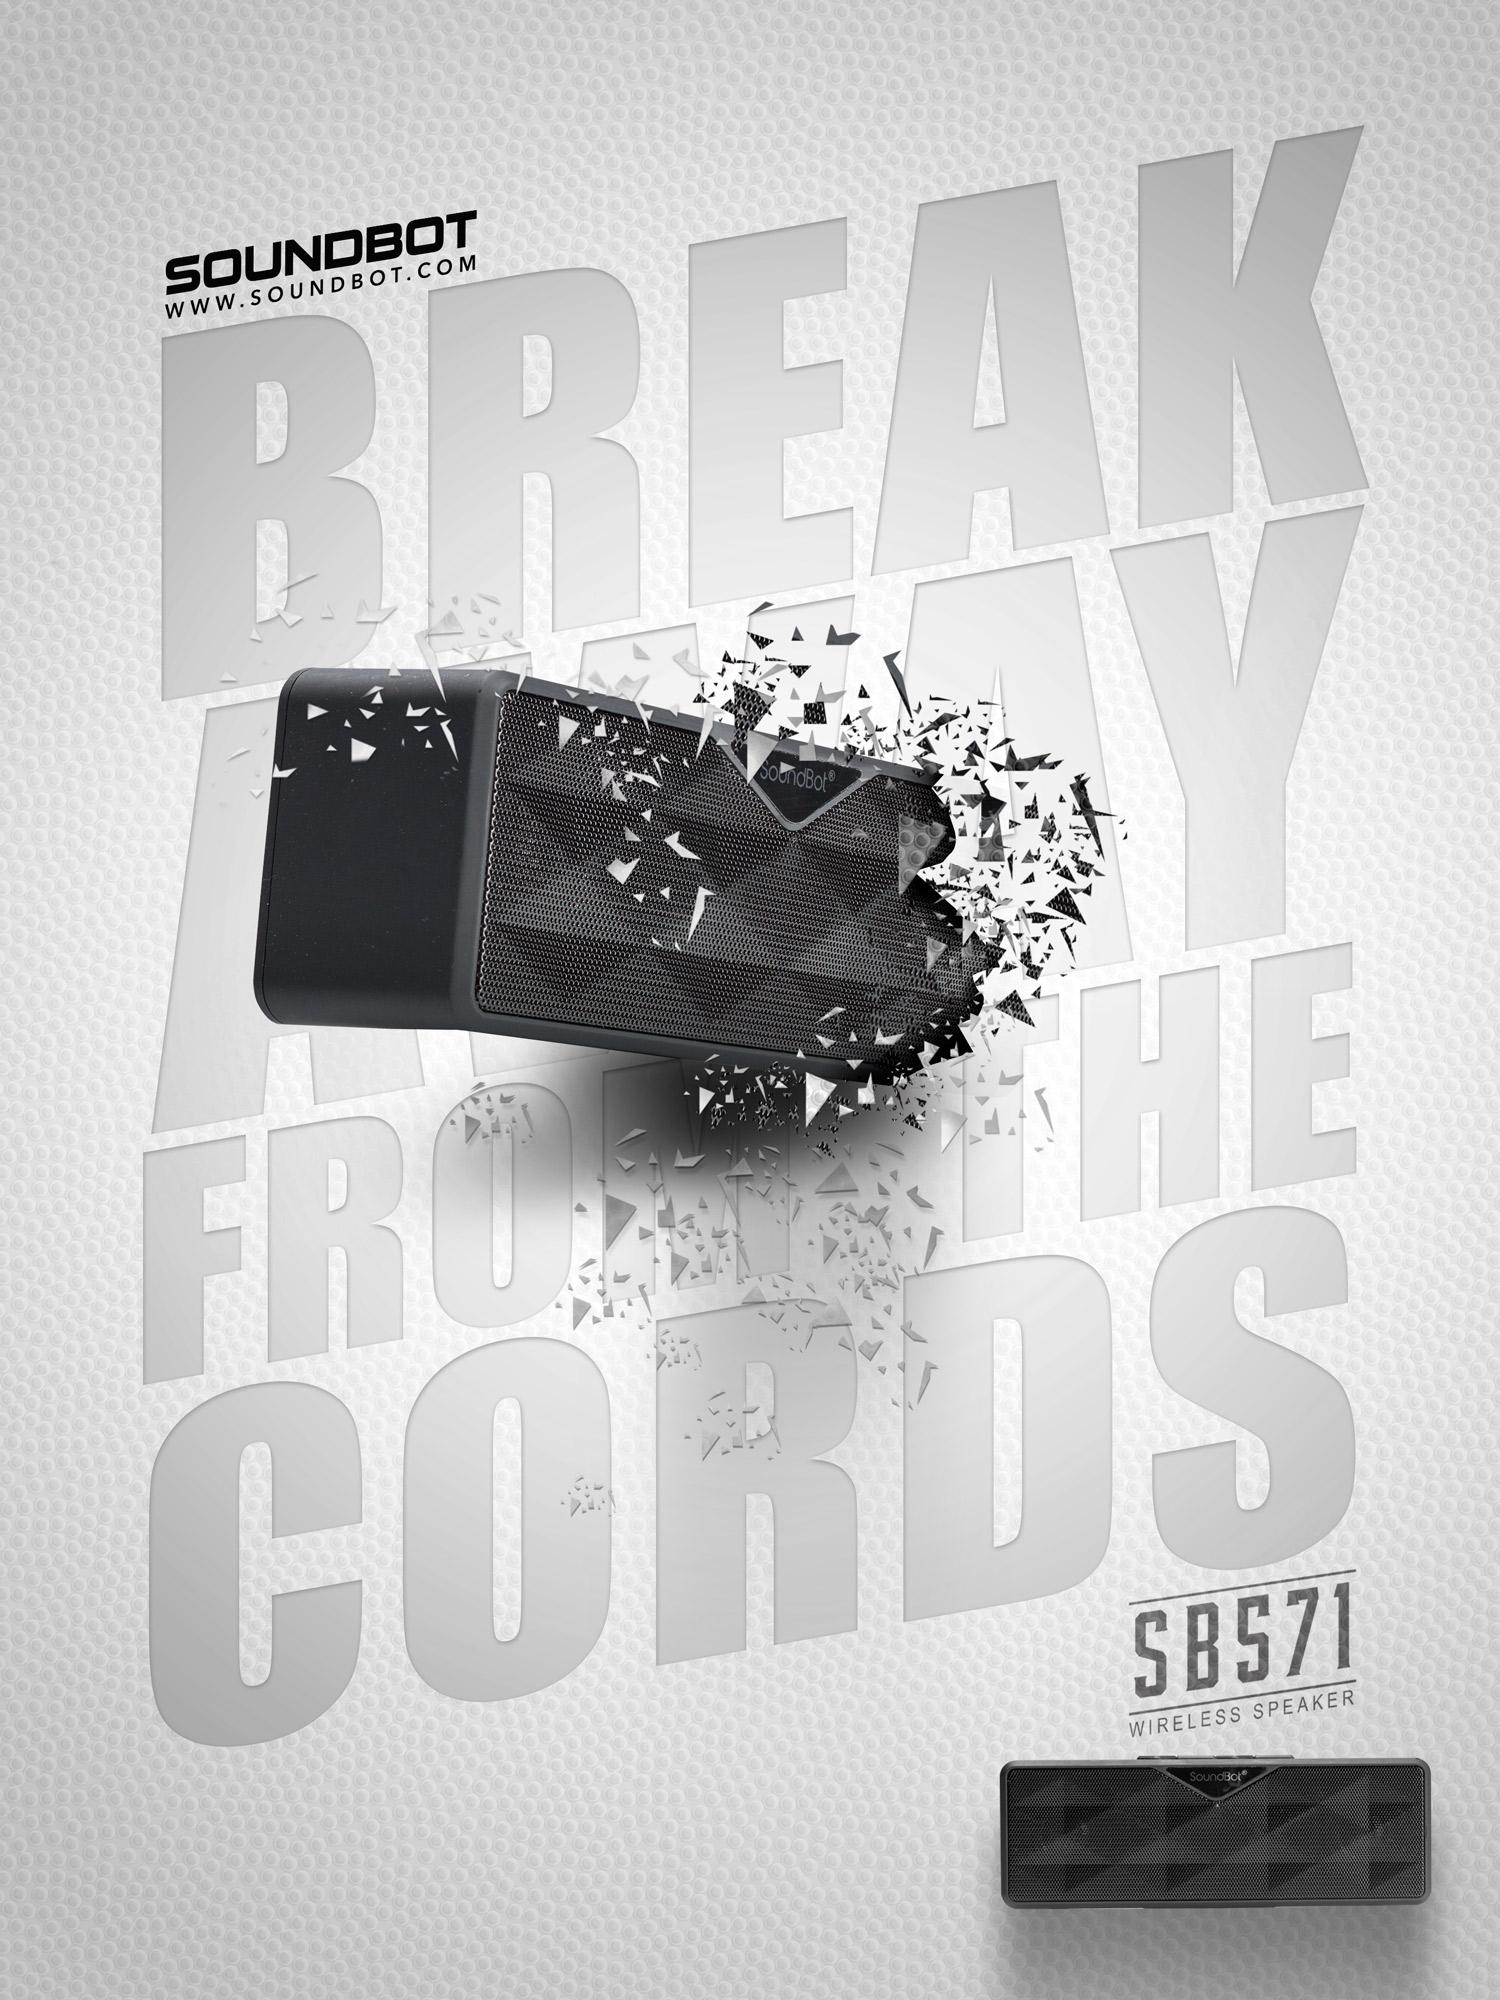 sb571_concept_ad